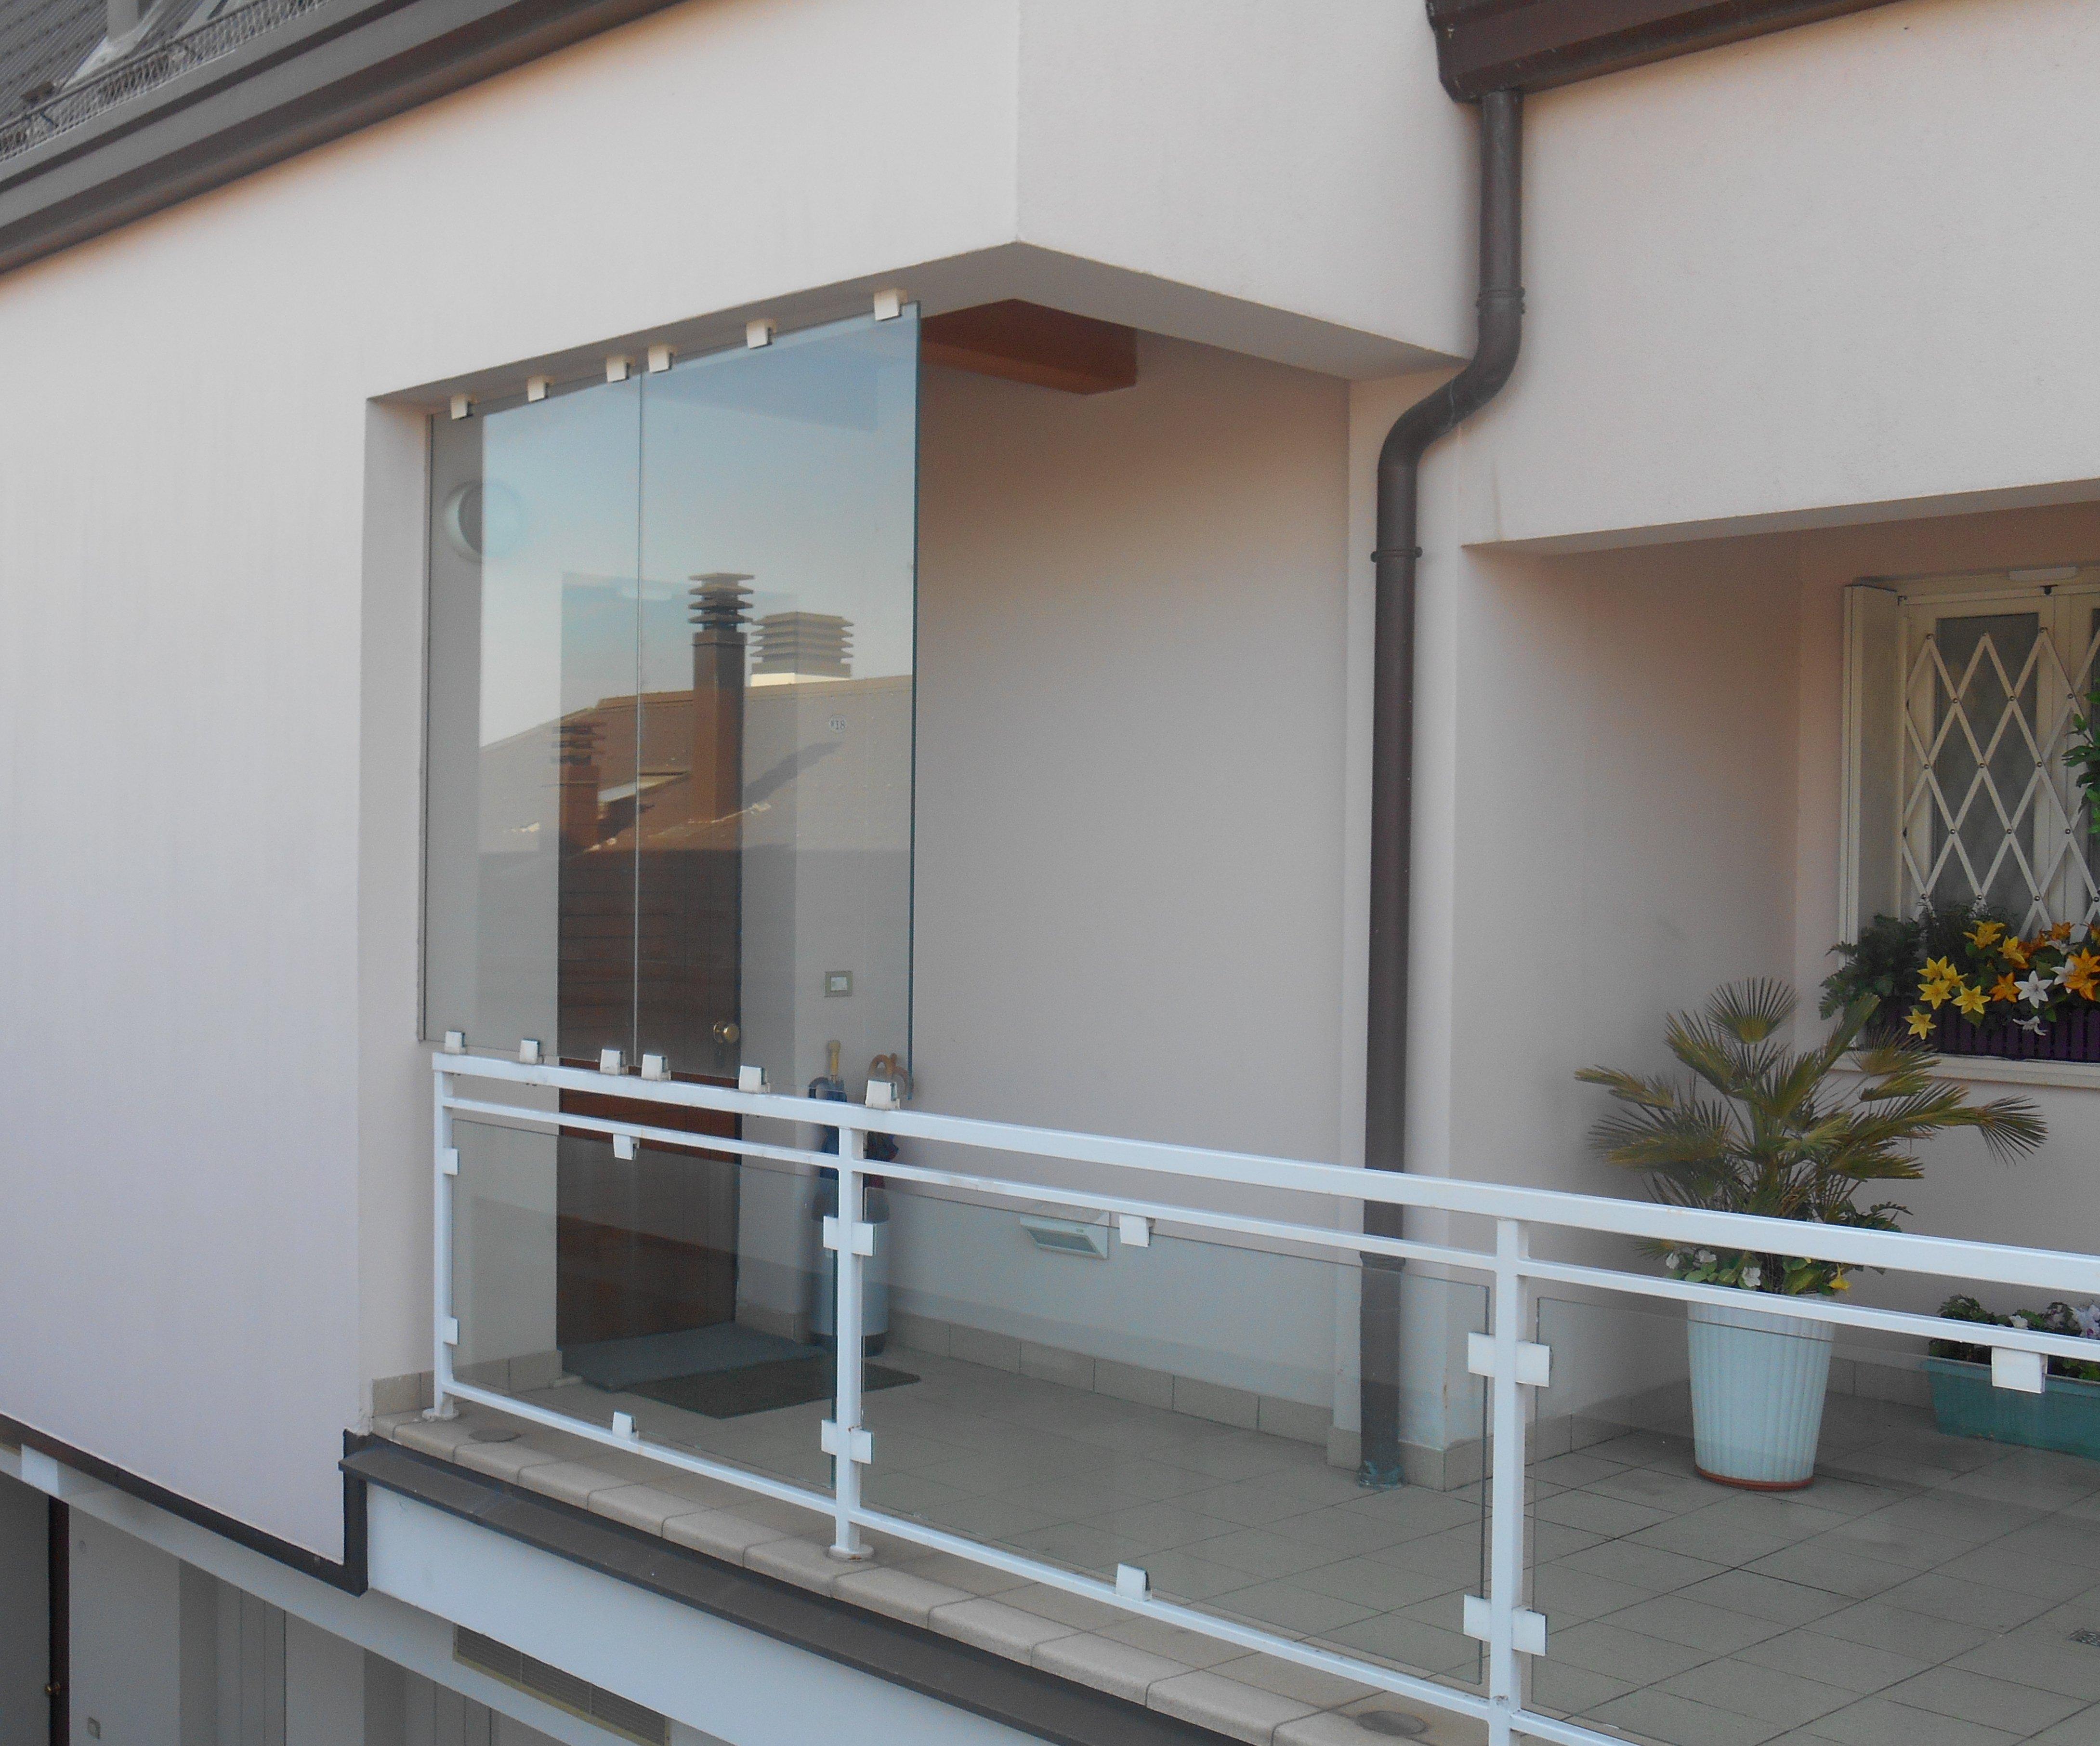 terrazza con protezione in vetro